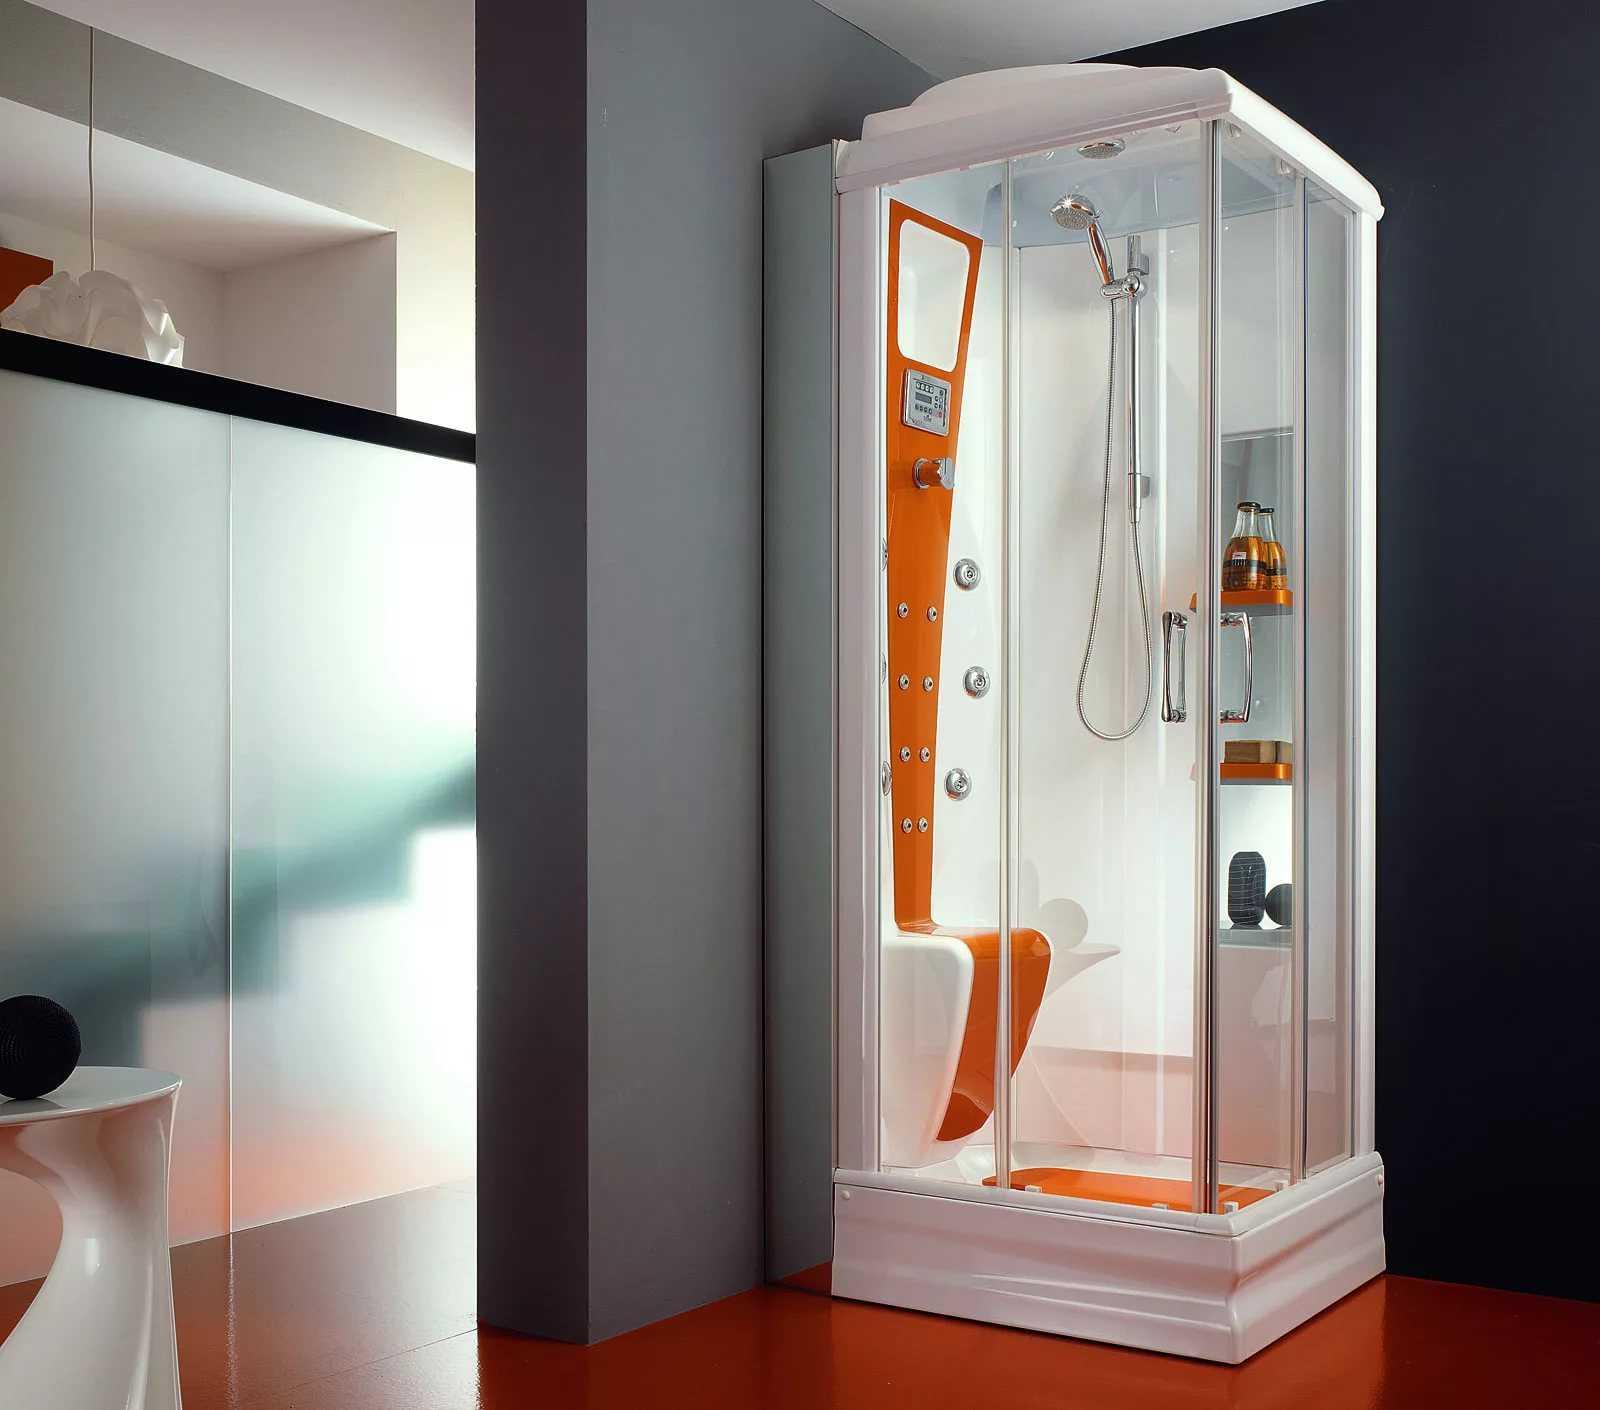 Советы от профессионалов: как выбрать оптимальную душевую кабину для вашей квартиры?